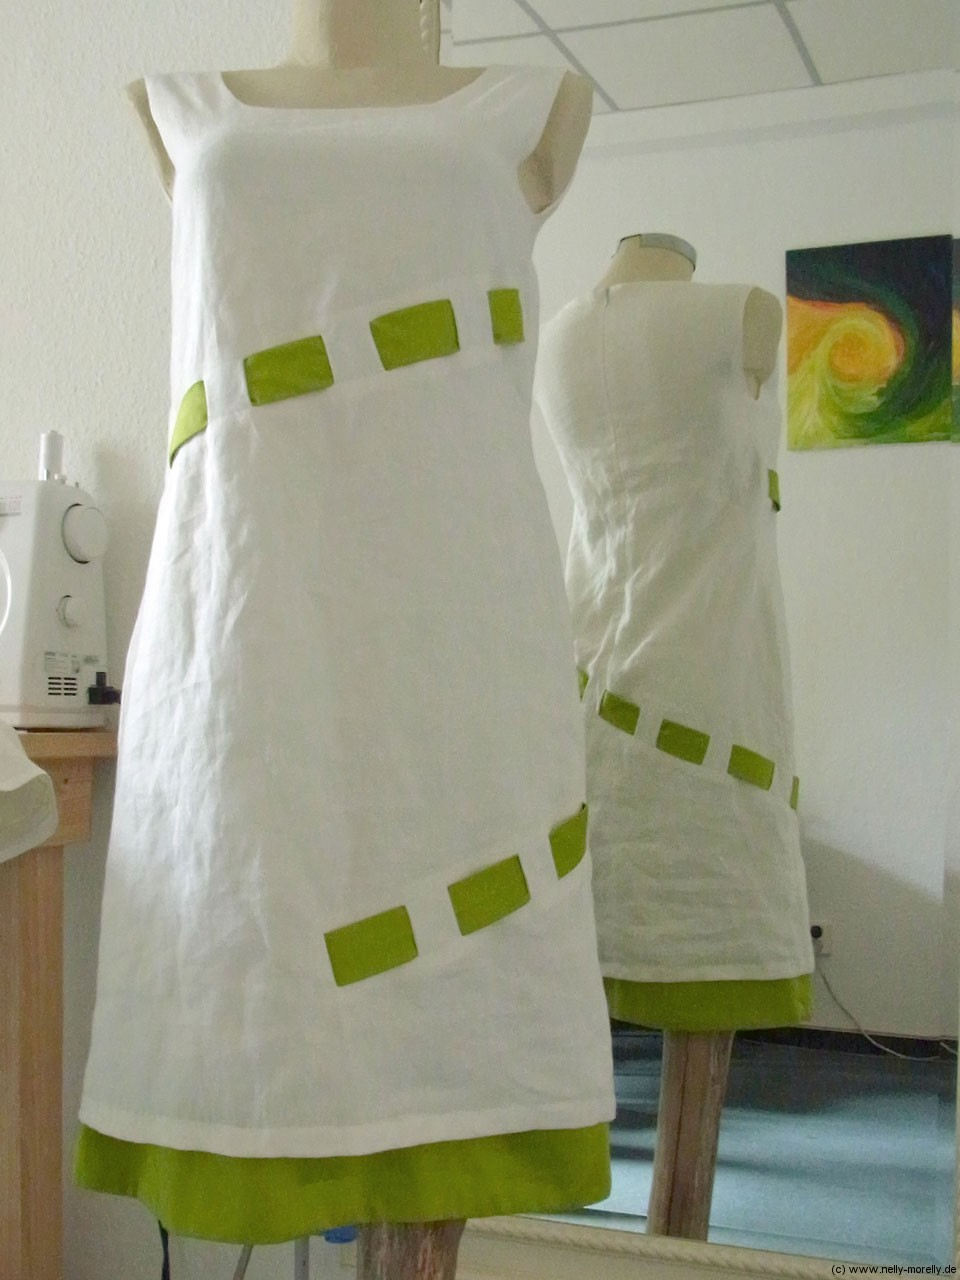 Ziemlich Weiße Leinen Brautkleid Zeitgenössisch - Brautkleider Ideen ...